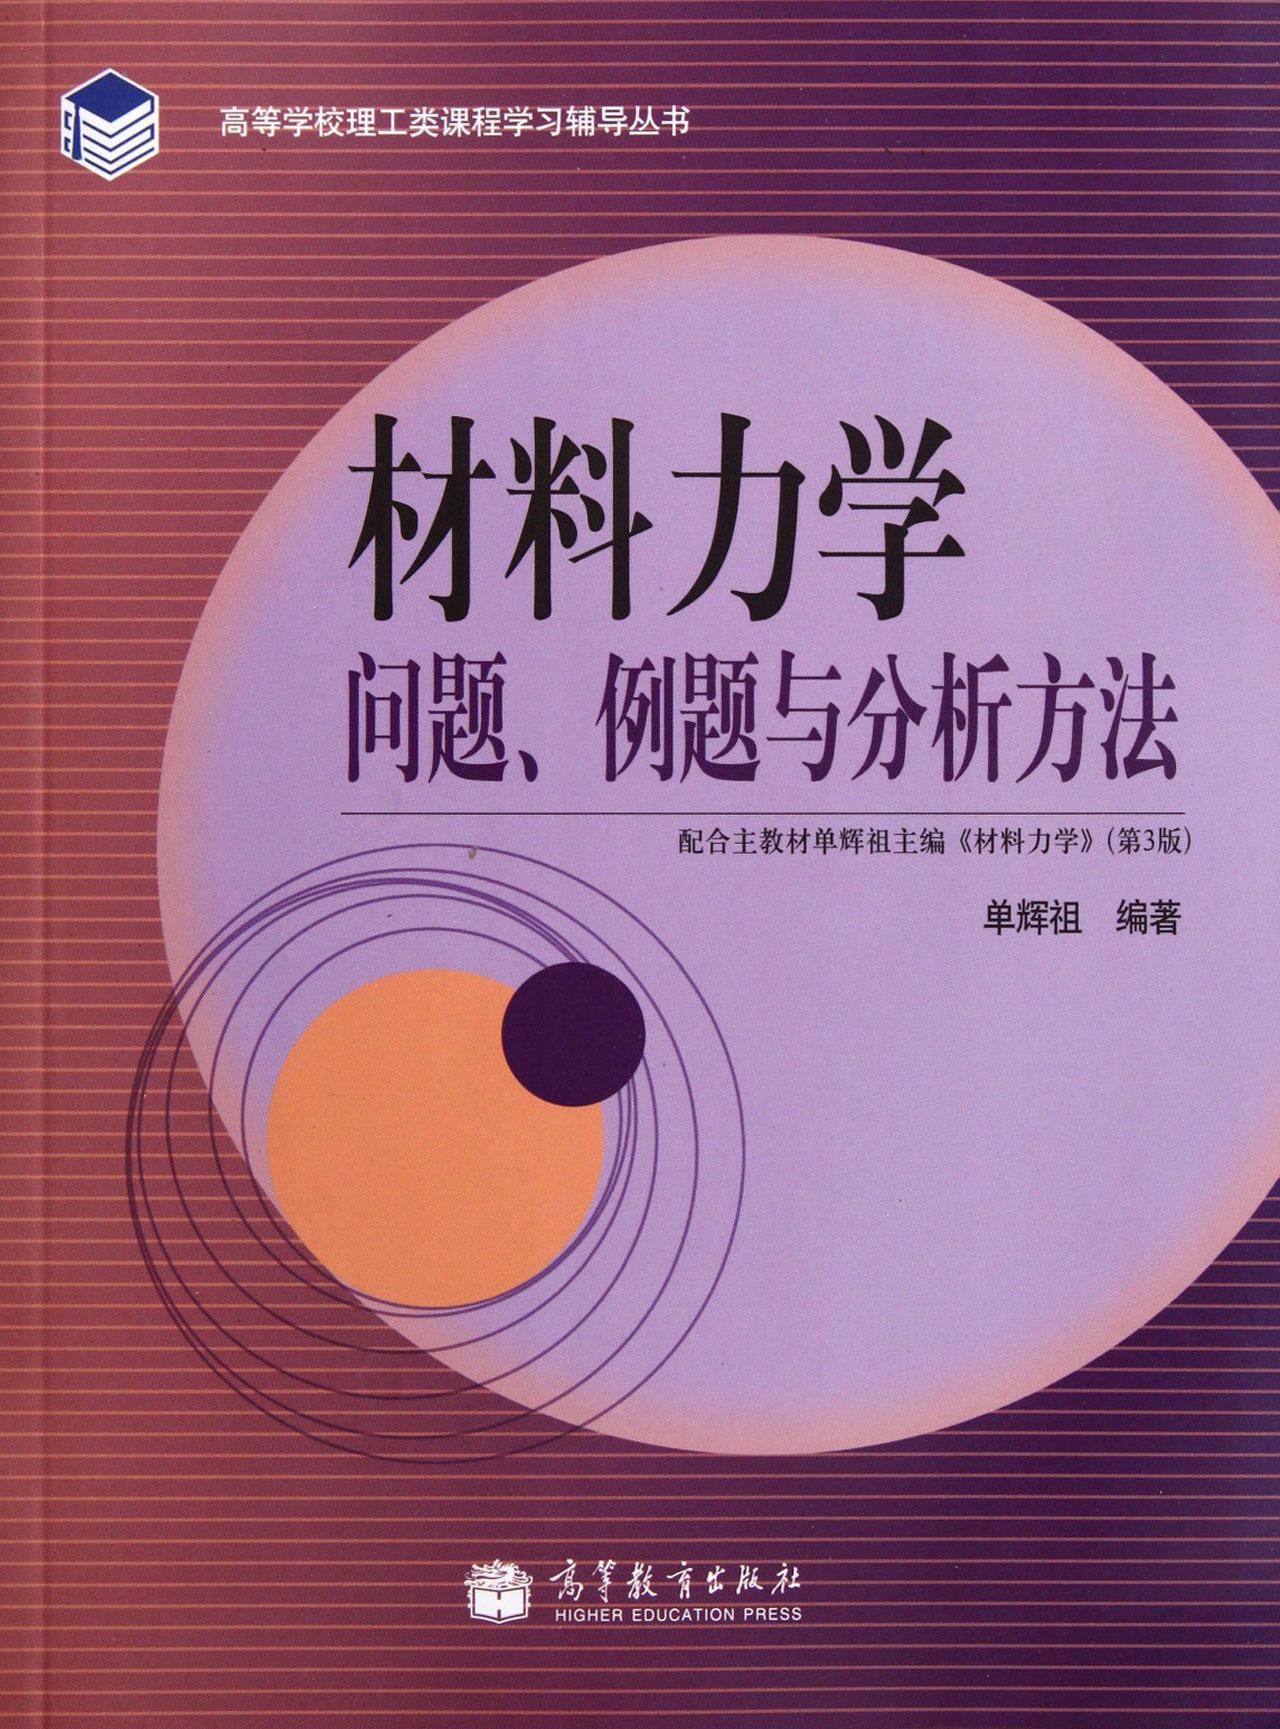 材料力學問題例題與分析方法(配合主教材單輝祖主編材料力學第3版)